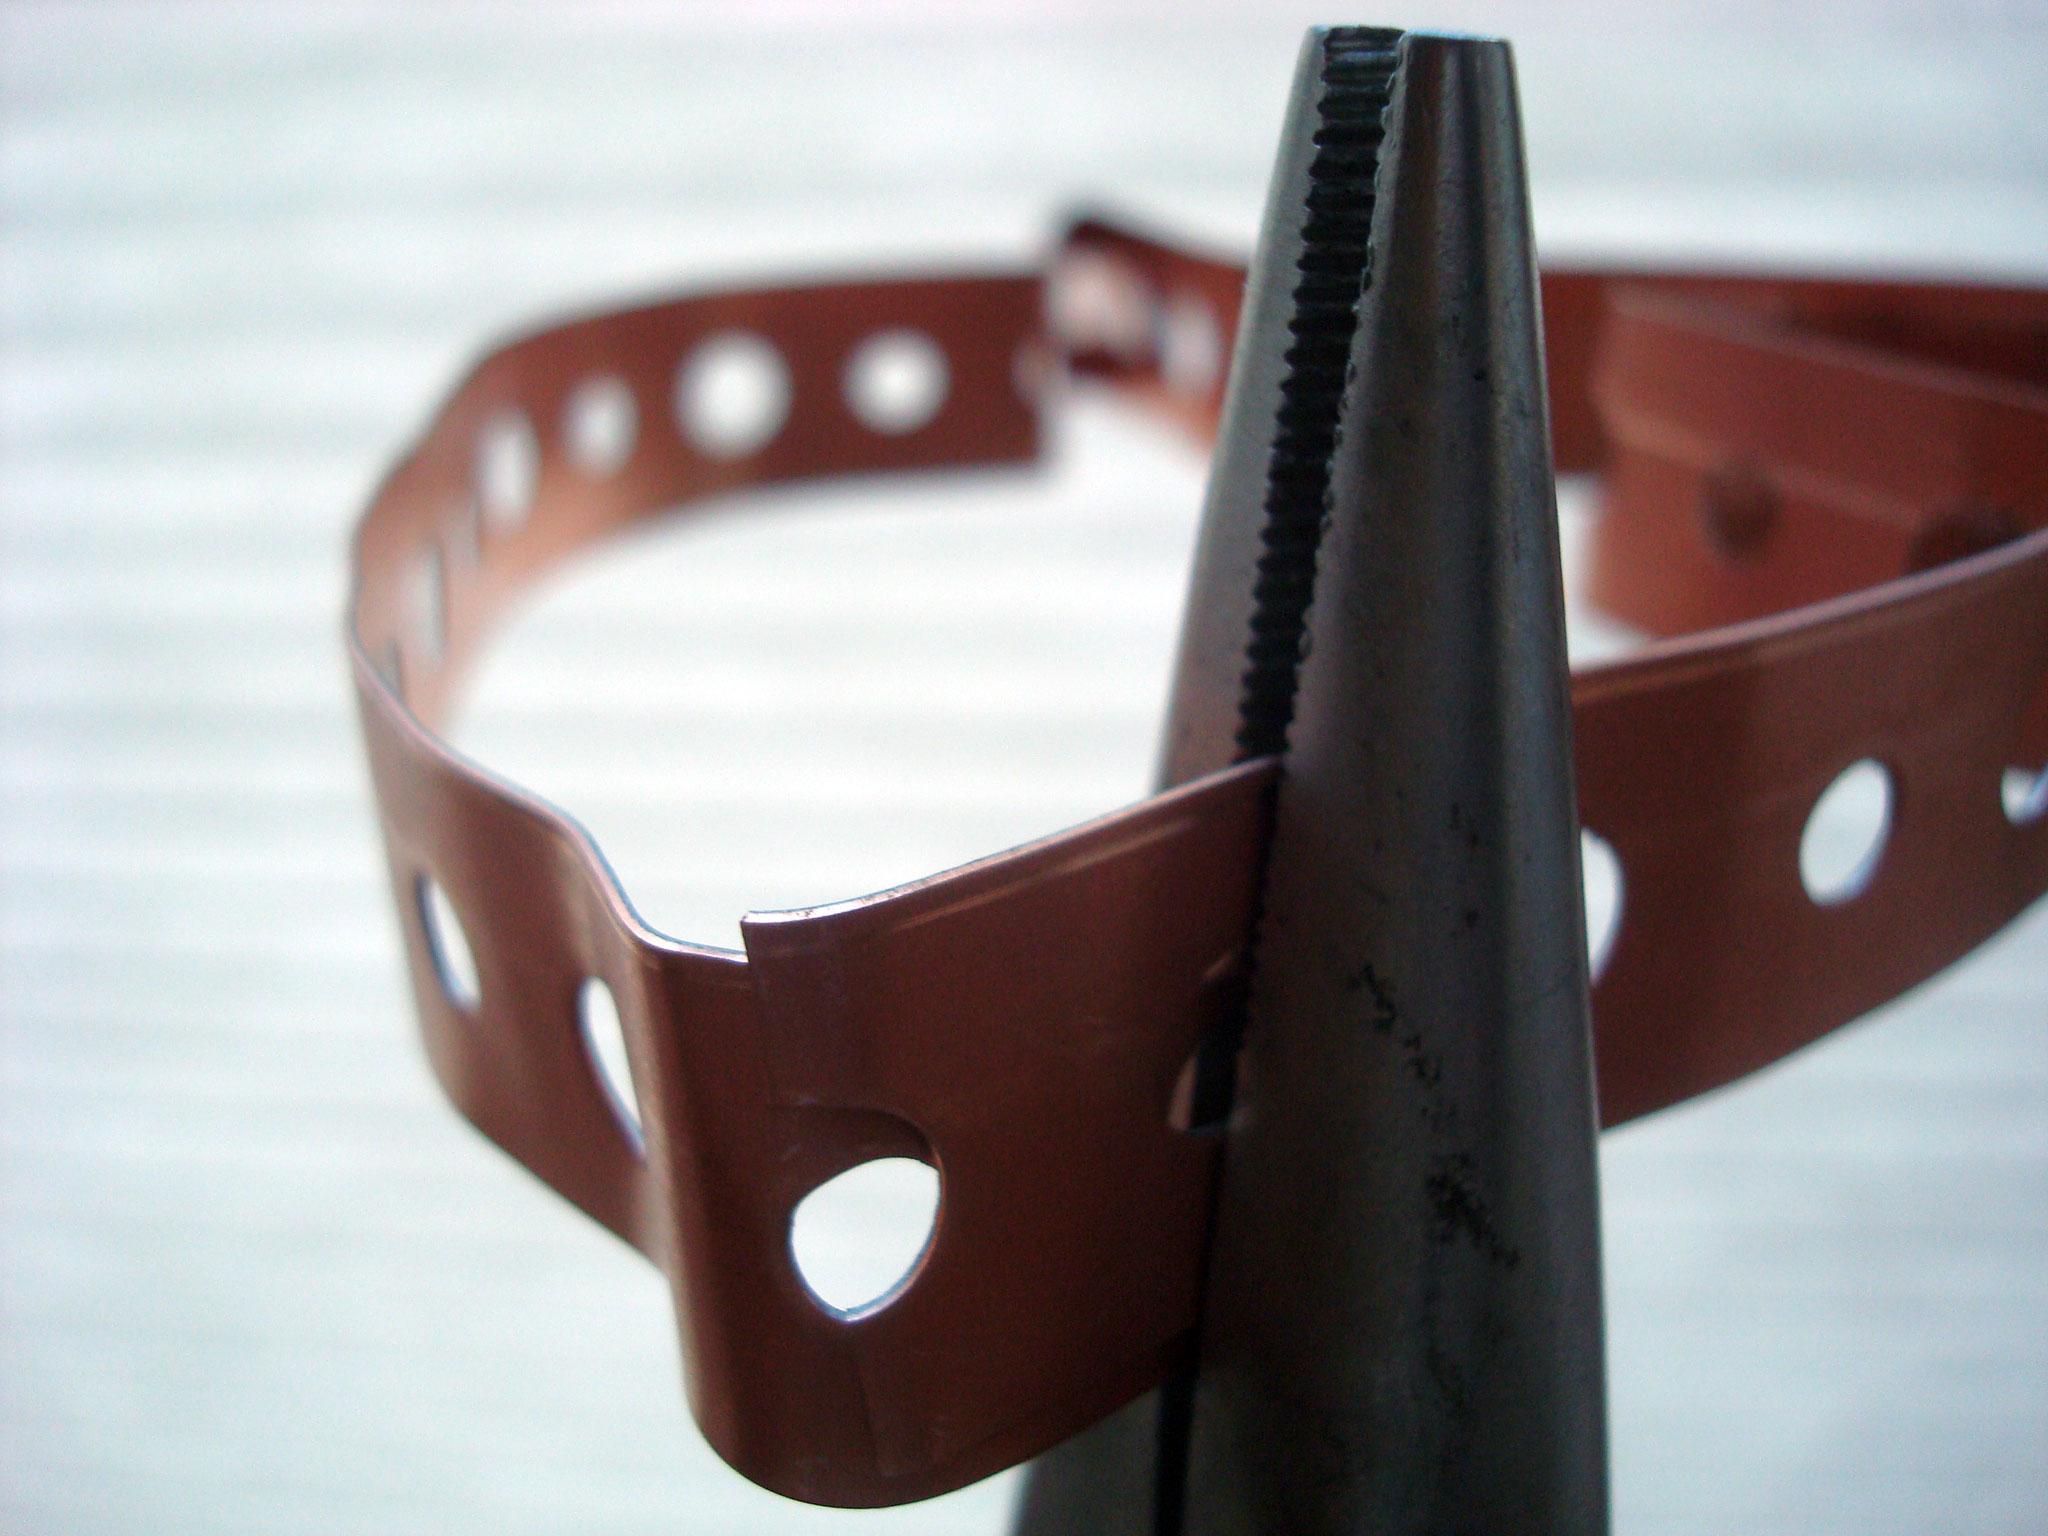 Adhering Metal Cutter